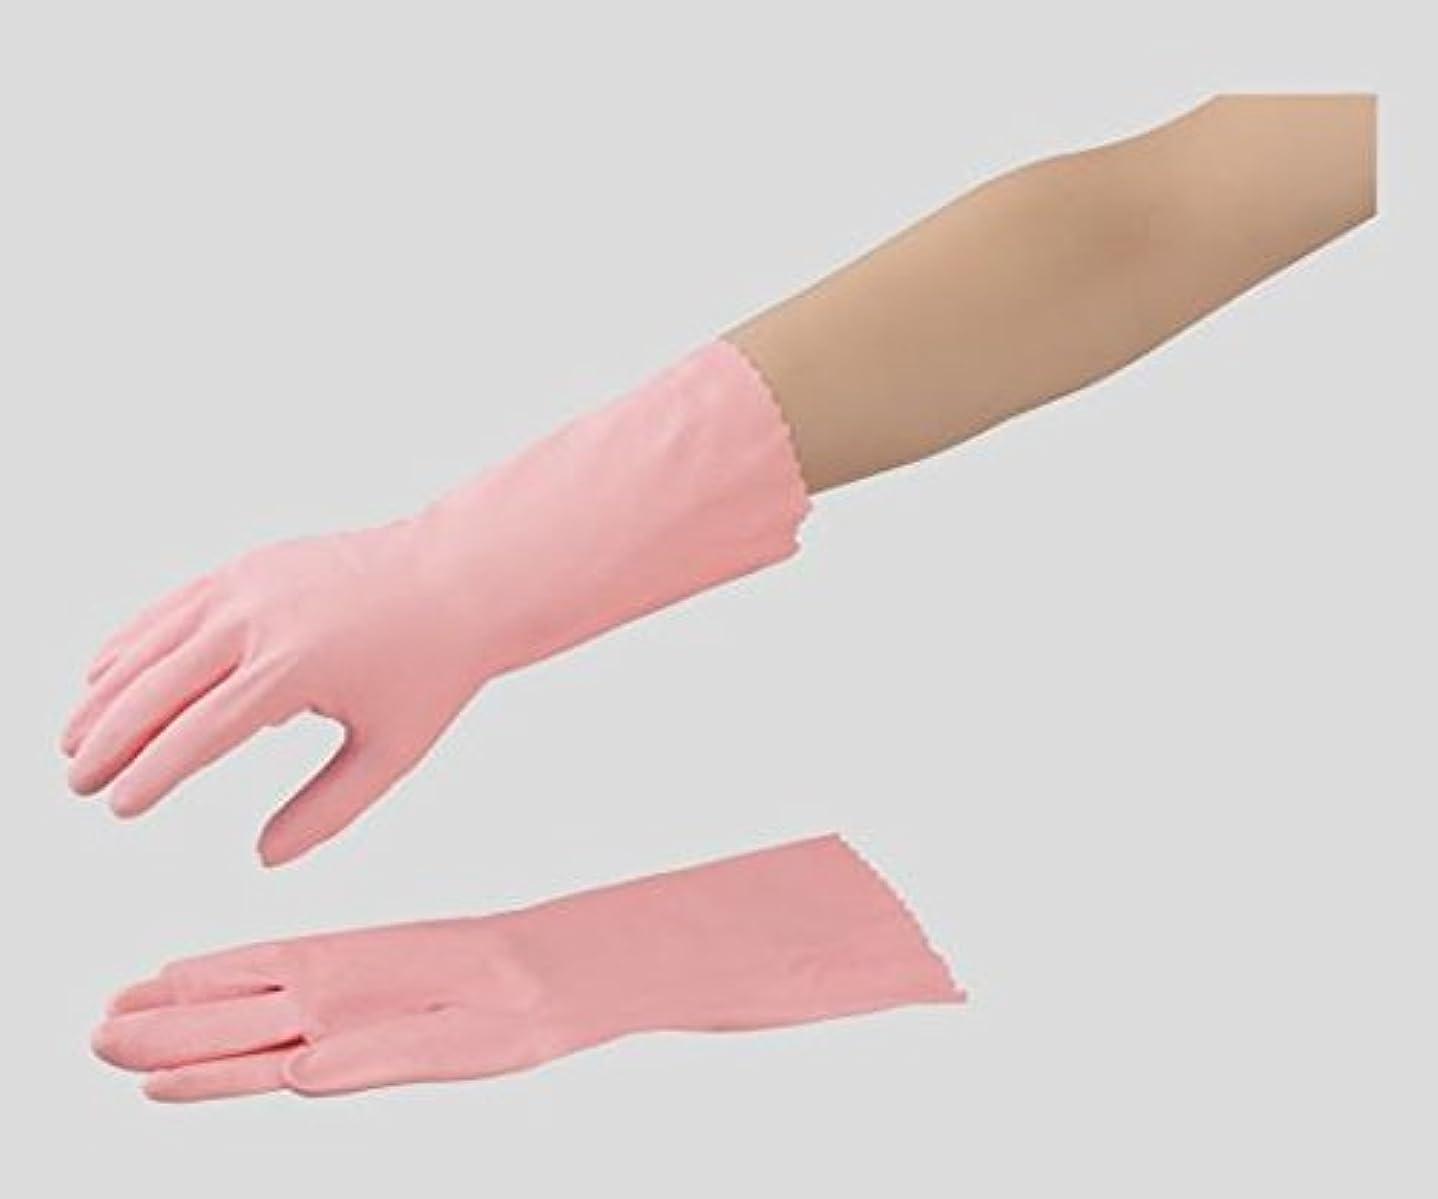 与えるコア取り壊すショーワグローブ2-9731-01ニトリルラテックス手袋中厚手裏毛付ピンクS